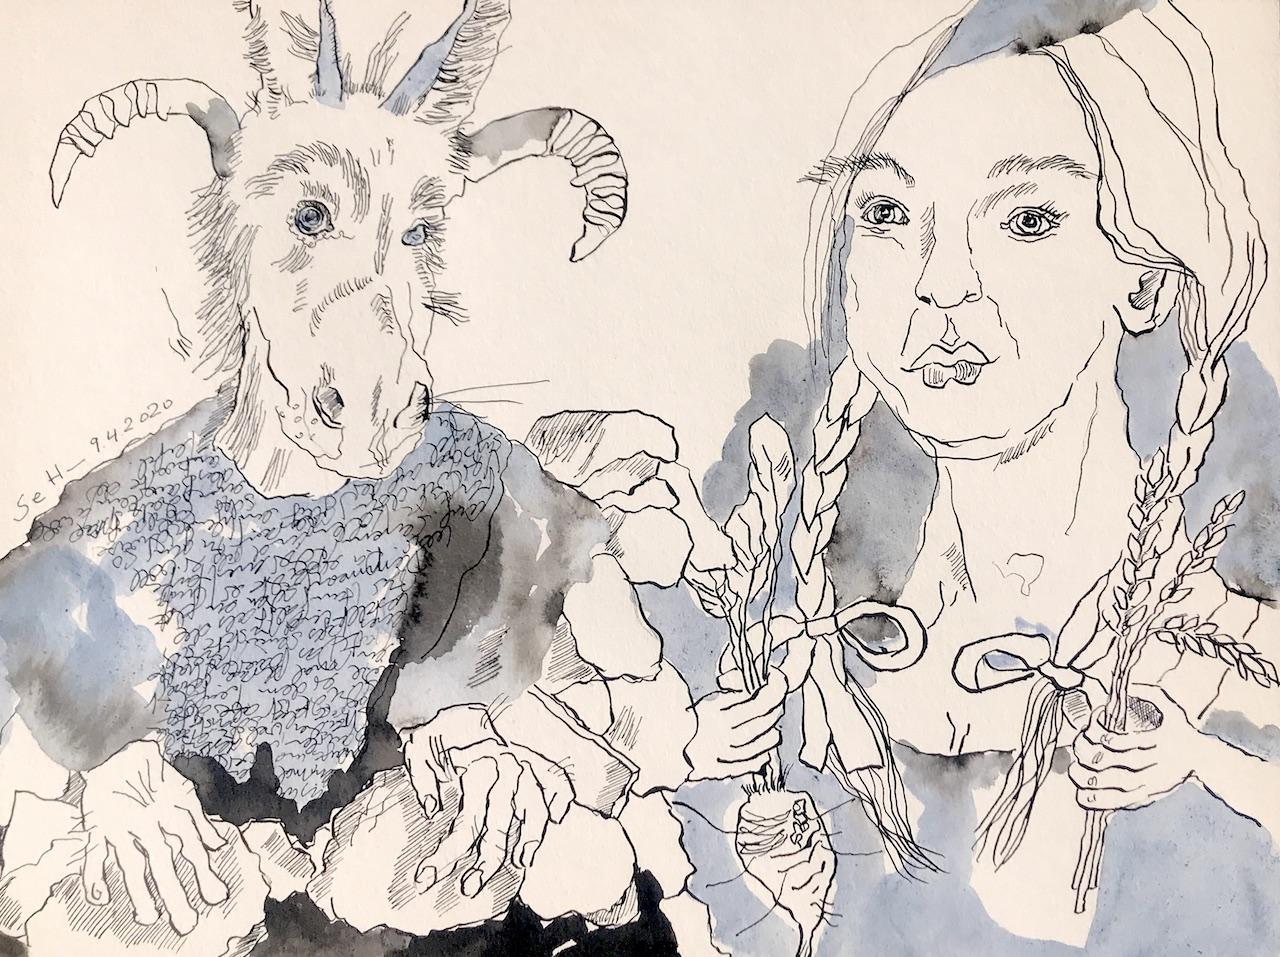 Der Bauer und der Teufel, 30 x 40 cm, Tusche auf Aquarellkarton (c) VG Bild-Kunst, Bonn 2020